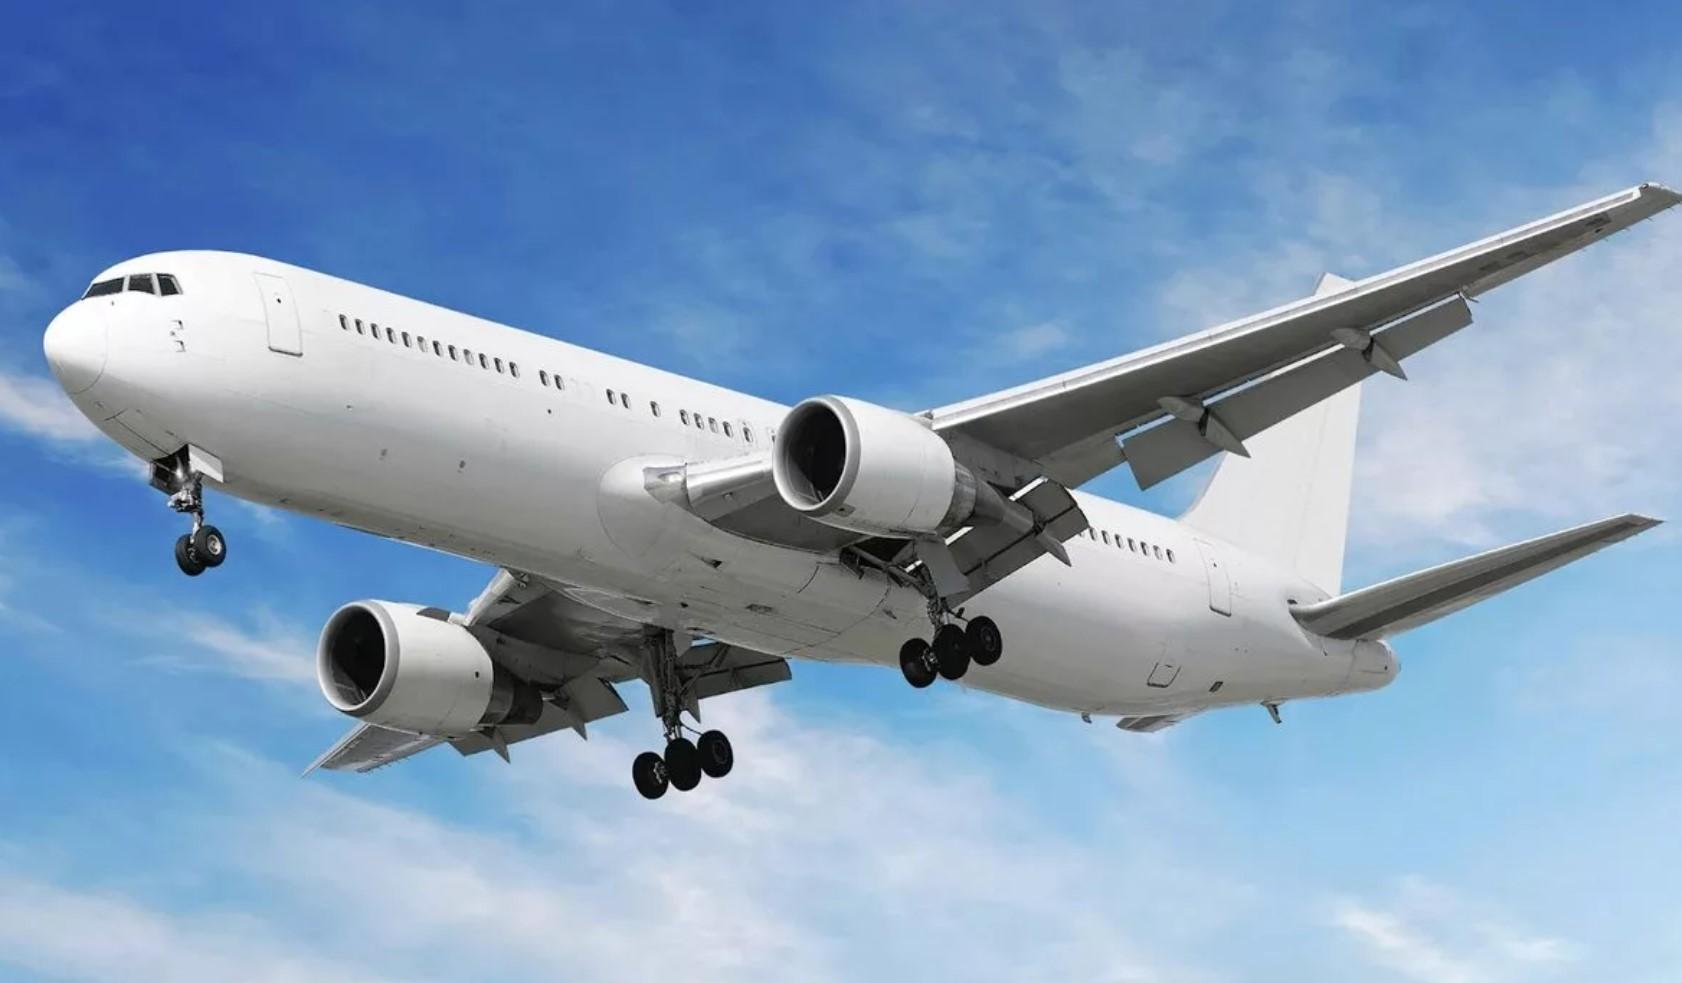 Правила покупки дешёвых авиабилетов